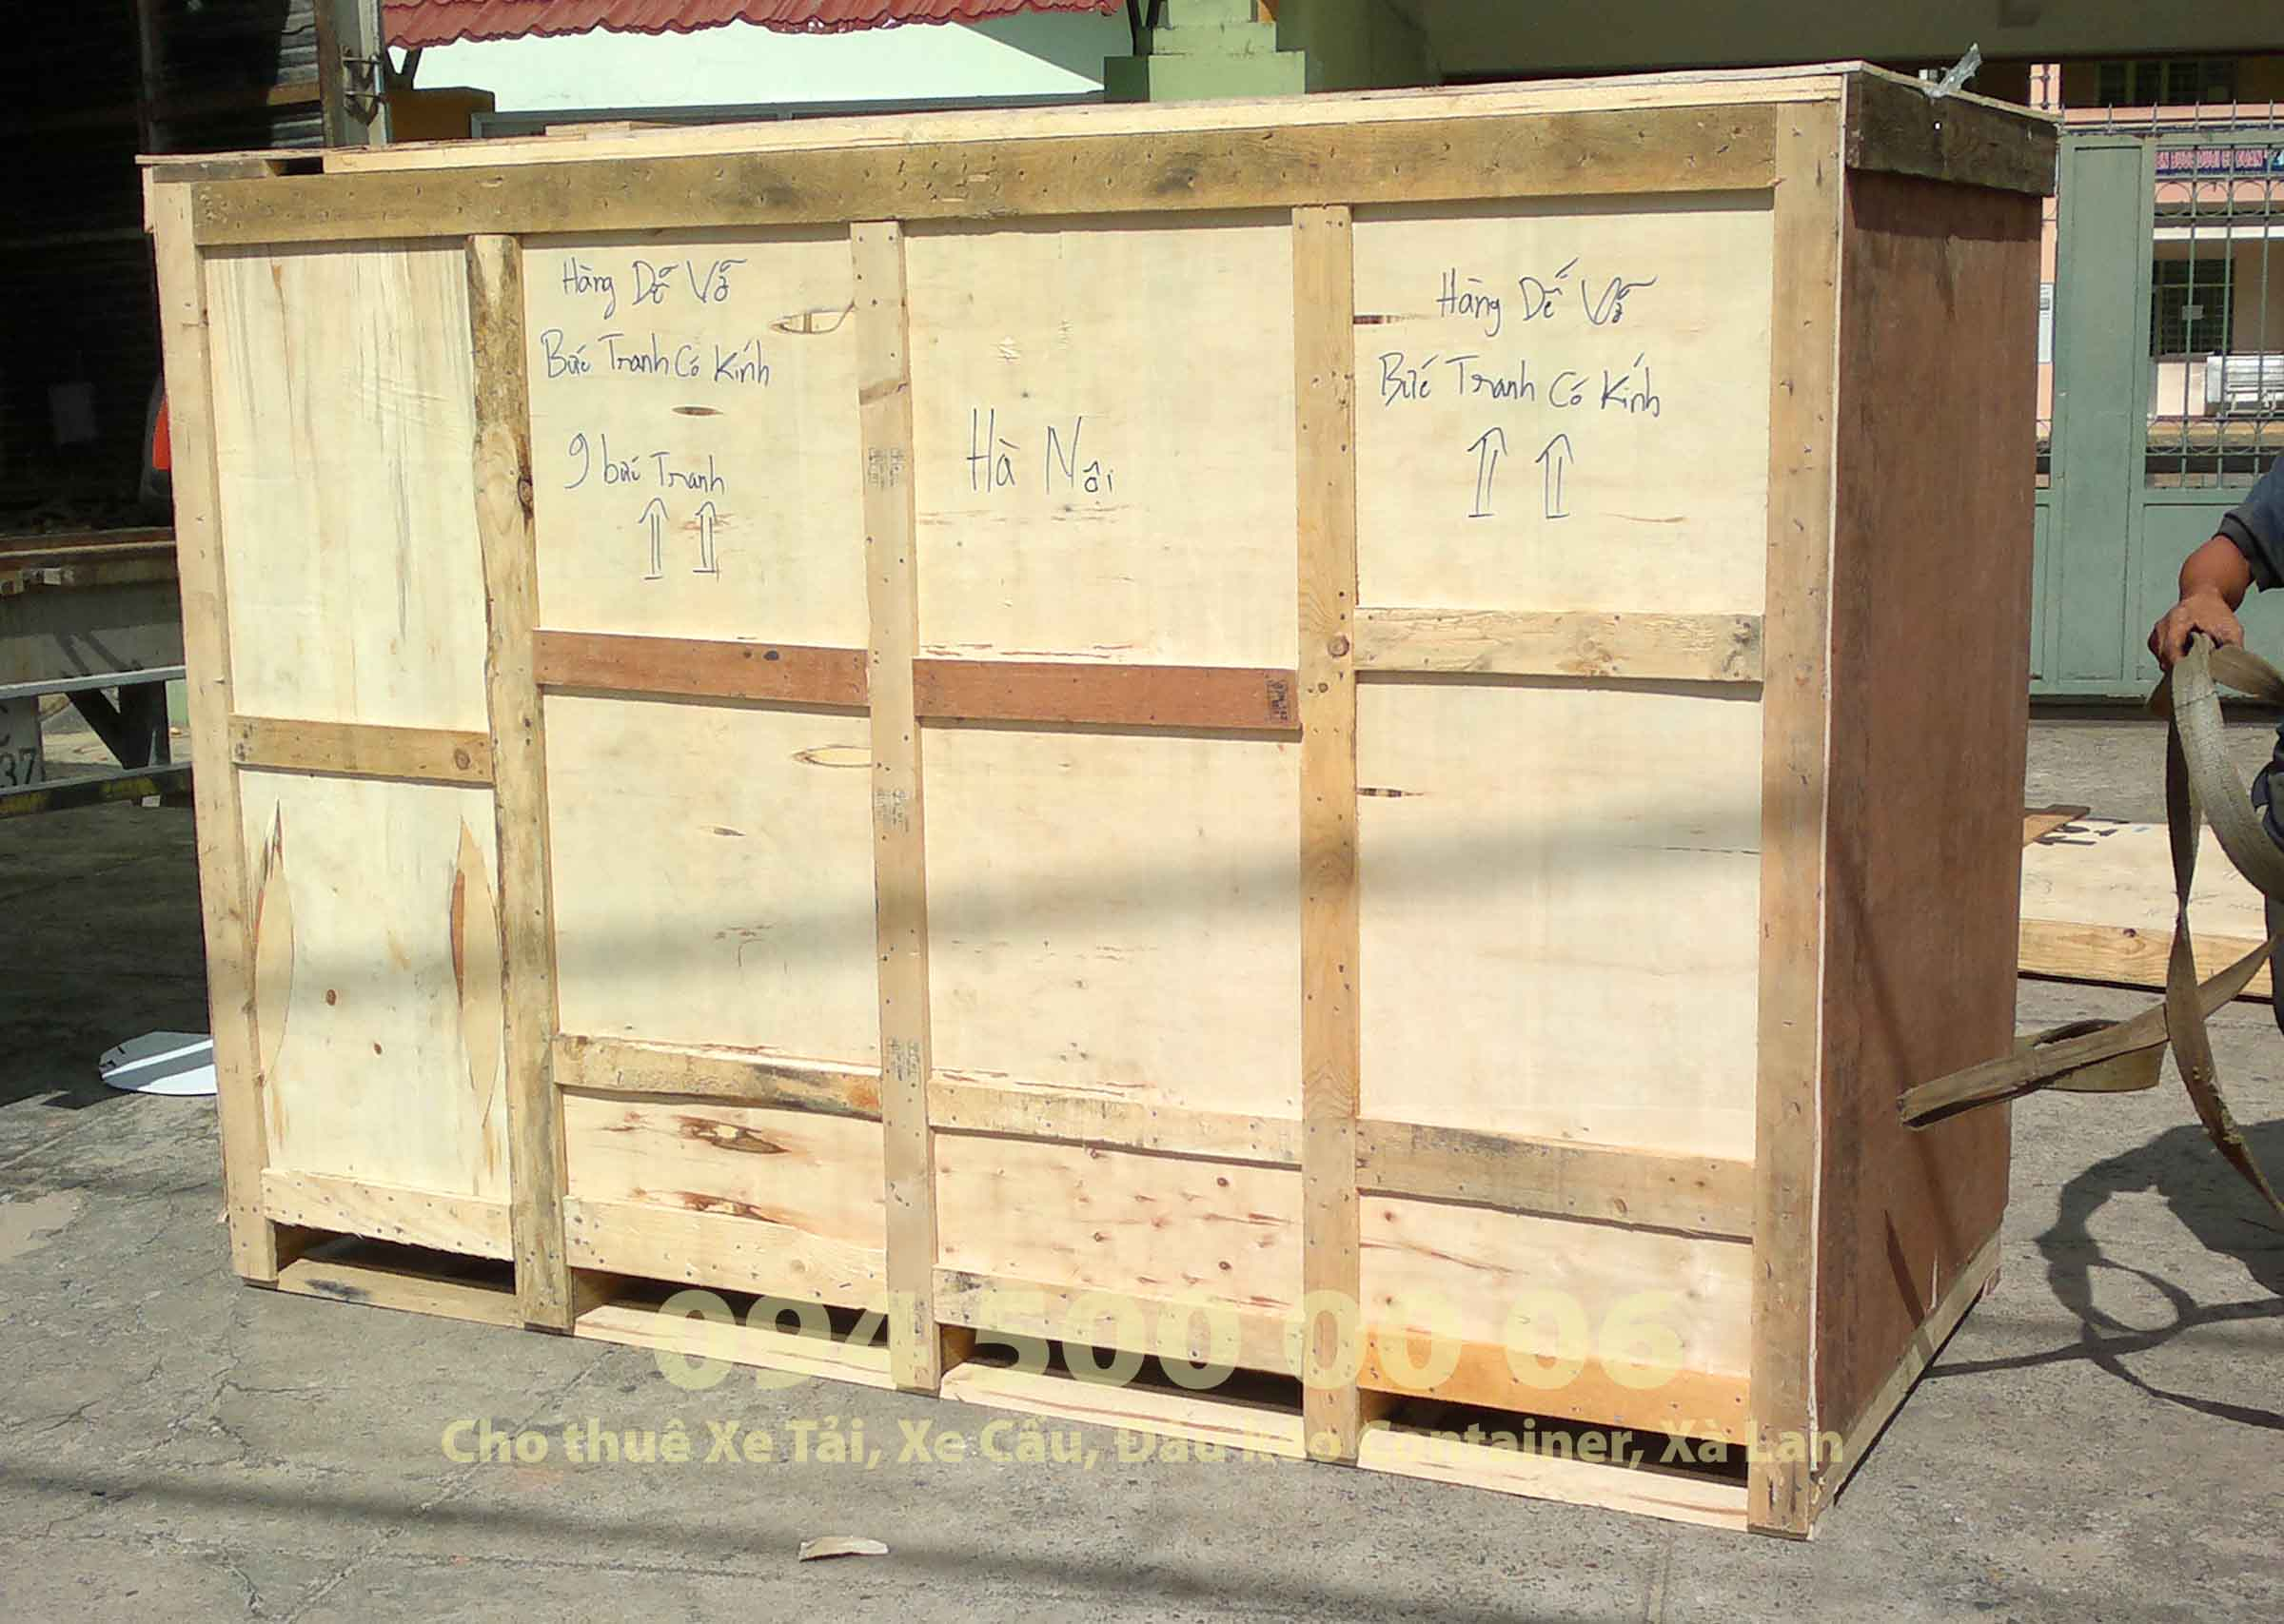 hướng dẫn chia sẽ kinh nghiệm đóng gói và vận chuyển nội thất đi đường bộ bằng xe tải 14